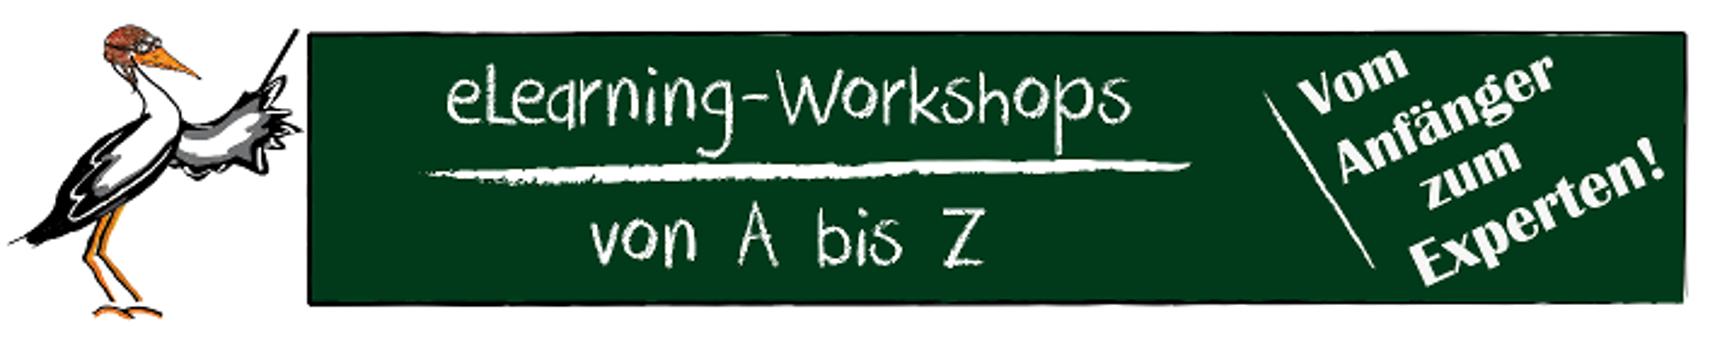 OLAT Workshop Banner deutsch